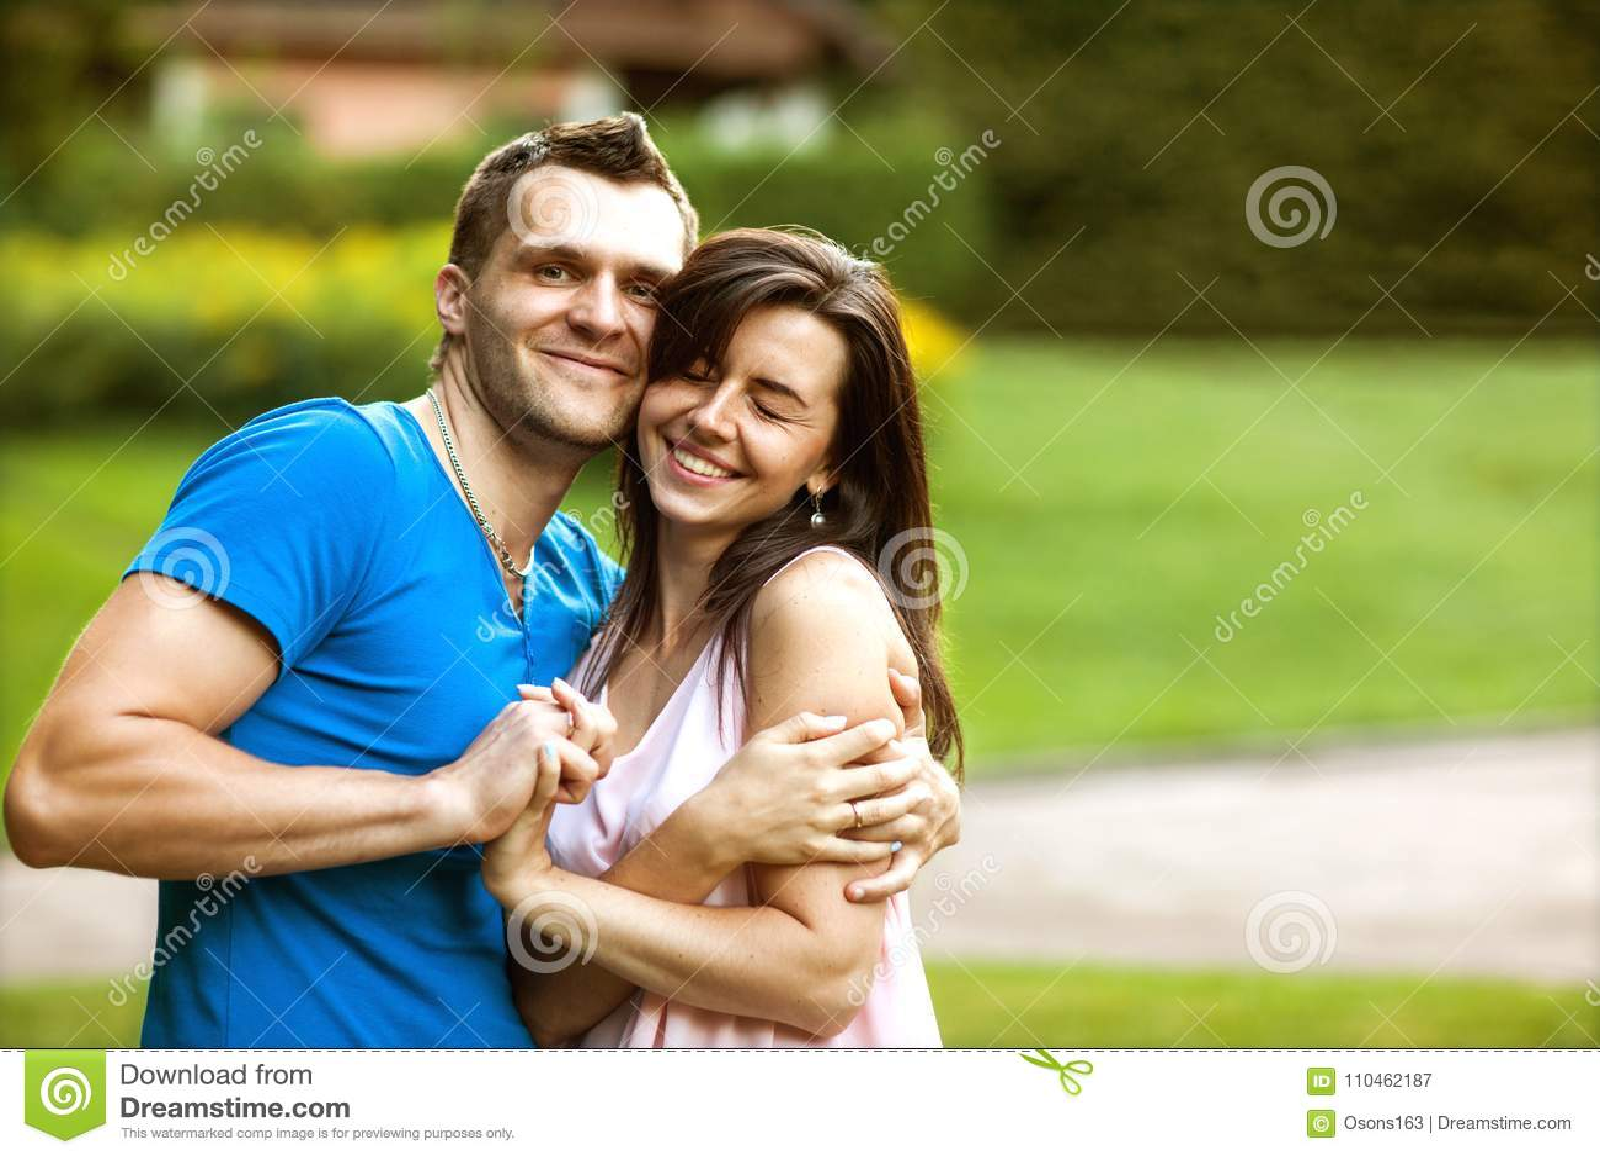 Förälskade par är lyckliga om att köpa ett nytt hem, familjbegrepp